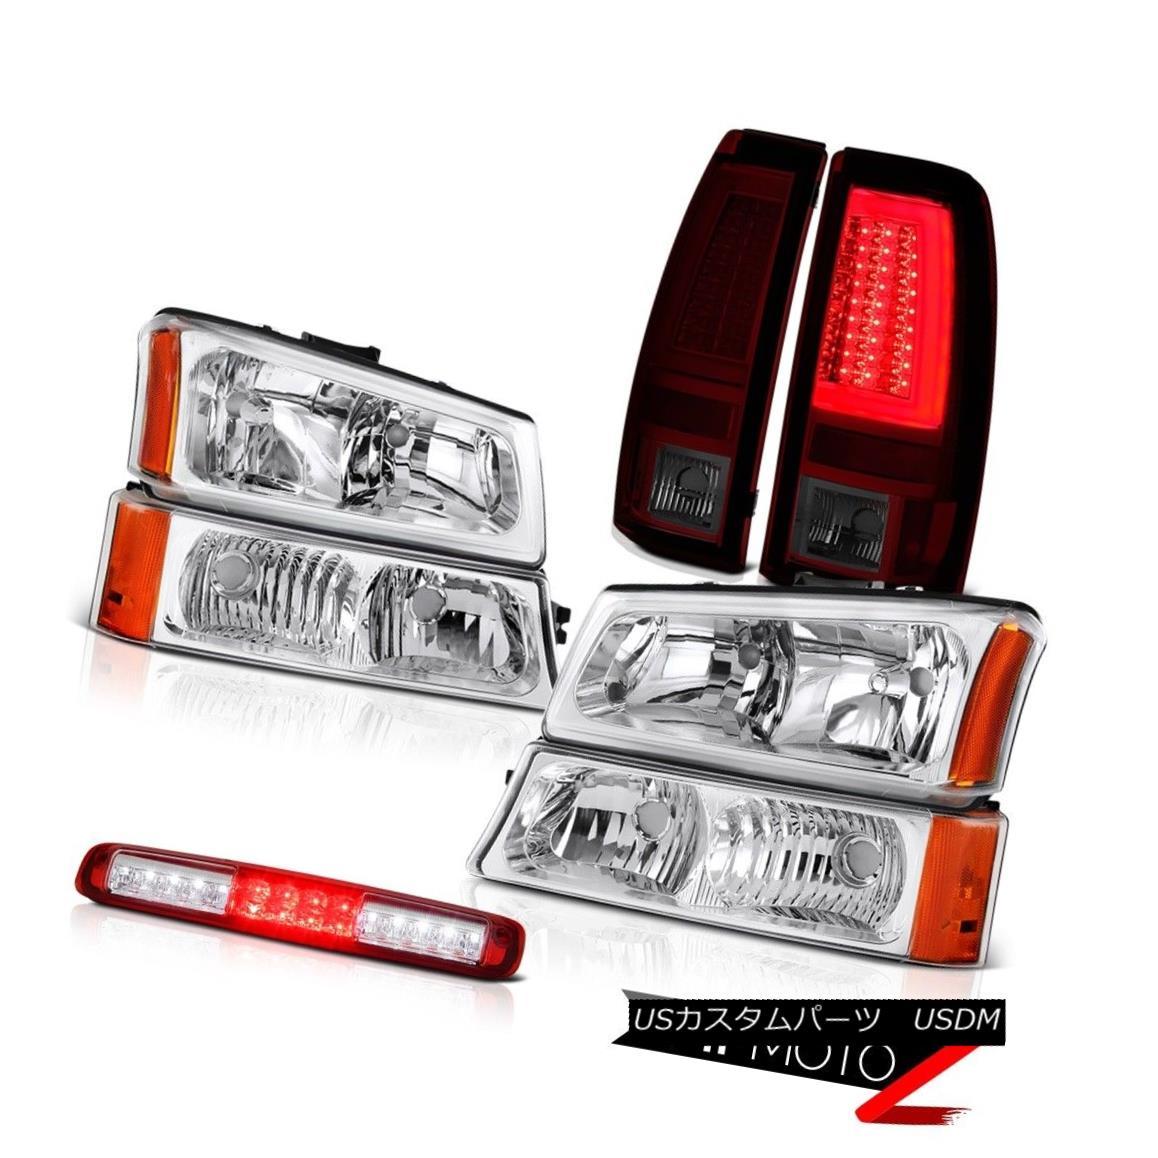 テールライト 2003-2006 Silverado 2500Hd Burgundy Red Taillamps Headlamps 3RD Brake Light LED 2003-2006 Silverado 2500Hdブルゴーニュレッドタイルランプヘッドランプ3RDブレーキライトLED